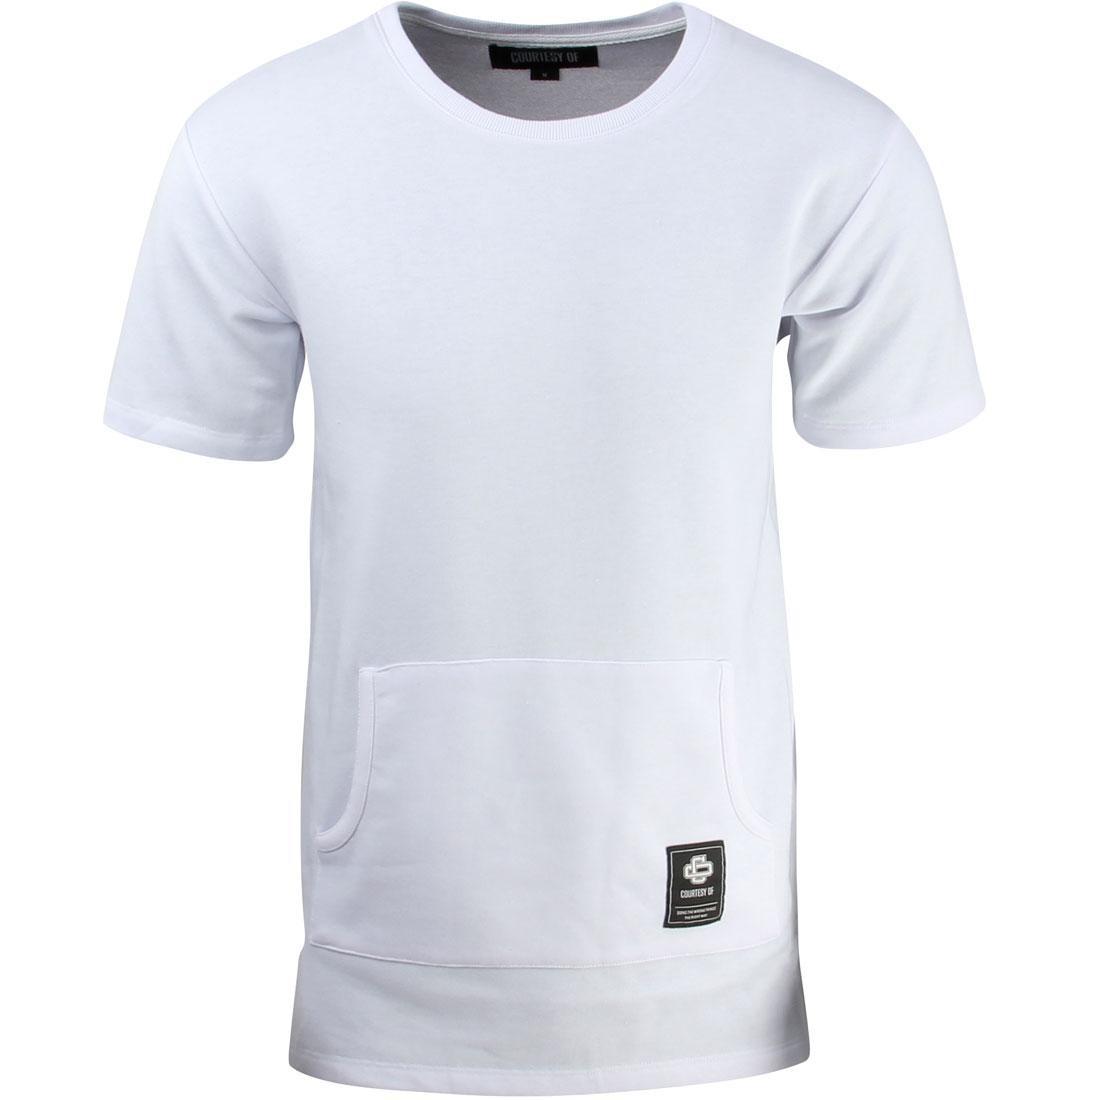 【海外限定】ショーツ】 ハーフパンツ スリーブ トップス メンズファッション WHITE【 CREWNECK SLEEVE COURTESY OF MEN HAGI SHORT CREWNECK SWEATER WHITE】, 佐渡市:51b3d9d7 --- sunward.msk.ru